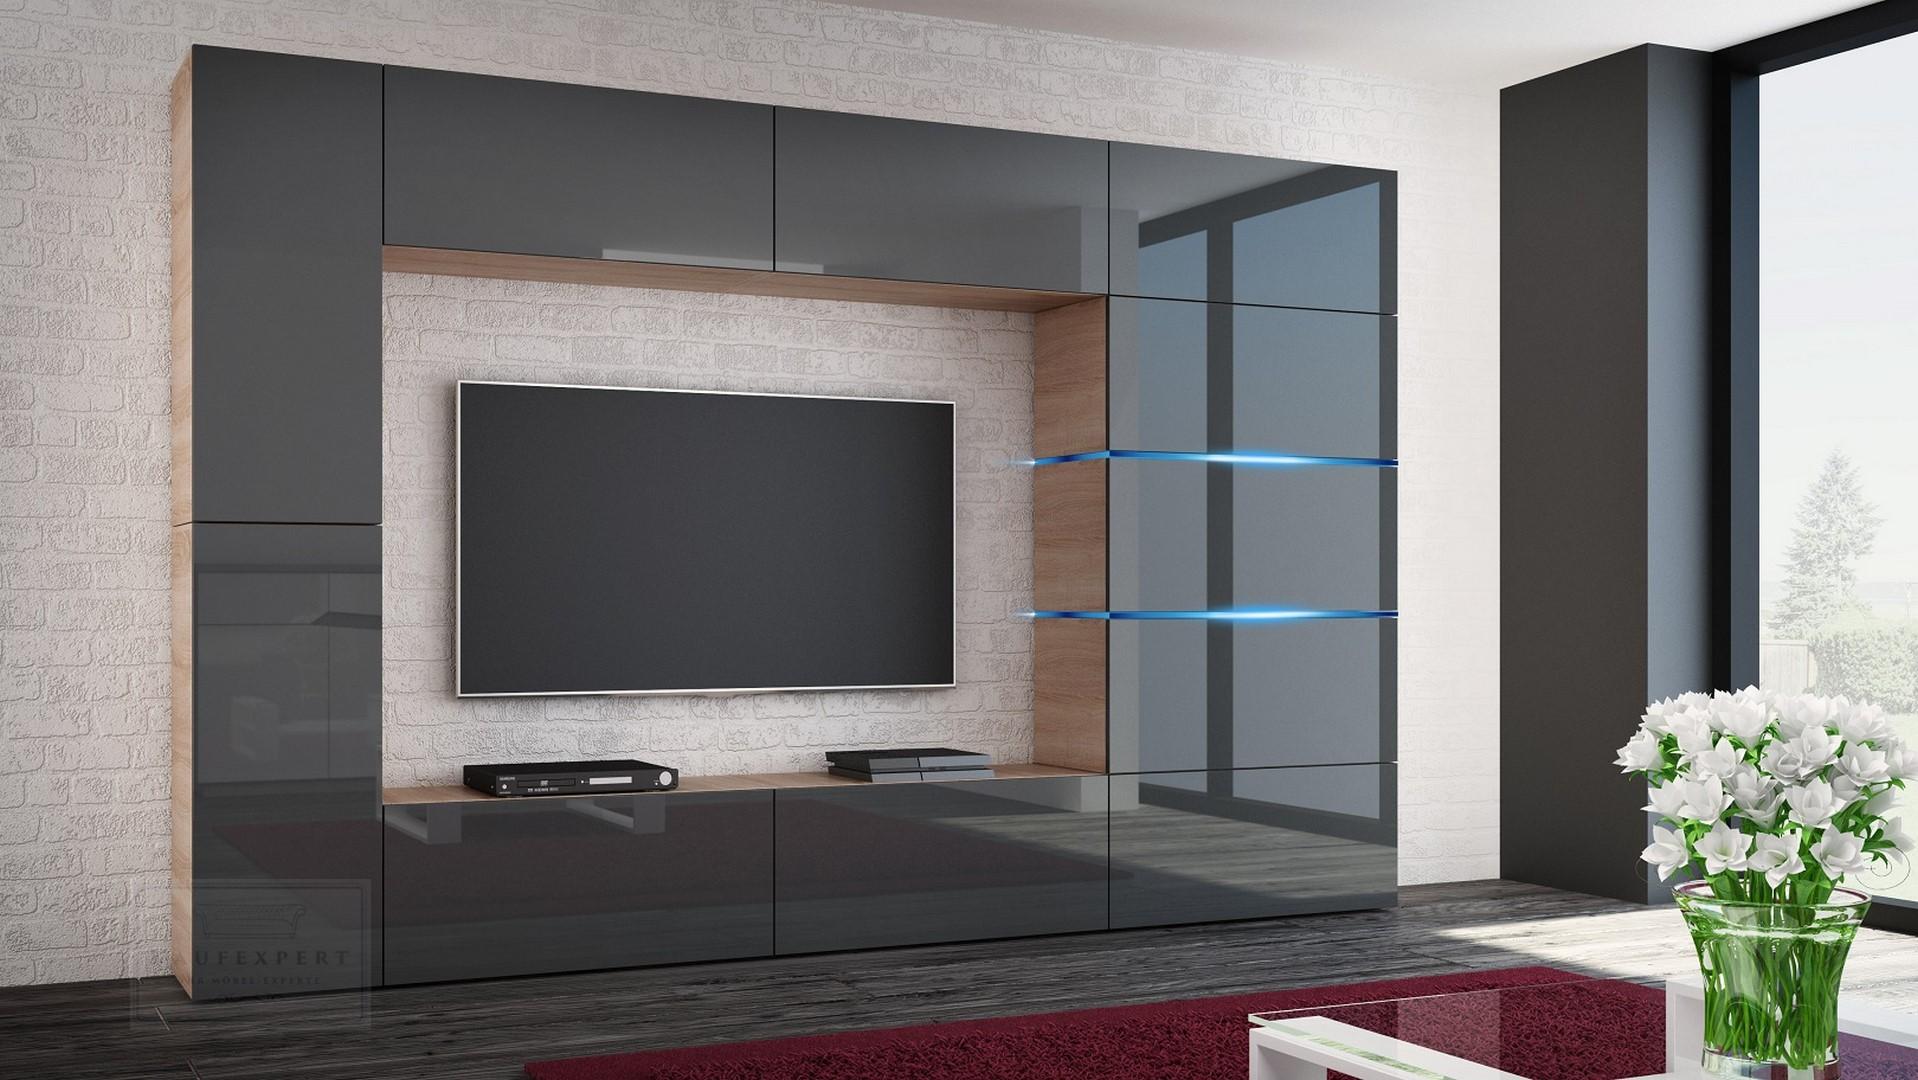 Wohnwand Shadow Grau Hochglanz/Sonoma 285 Cm Mediawand Anbauwand Medienwand  Design Modern Led Beleuchtung MDF